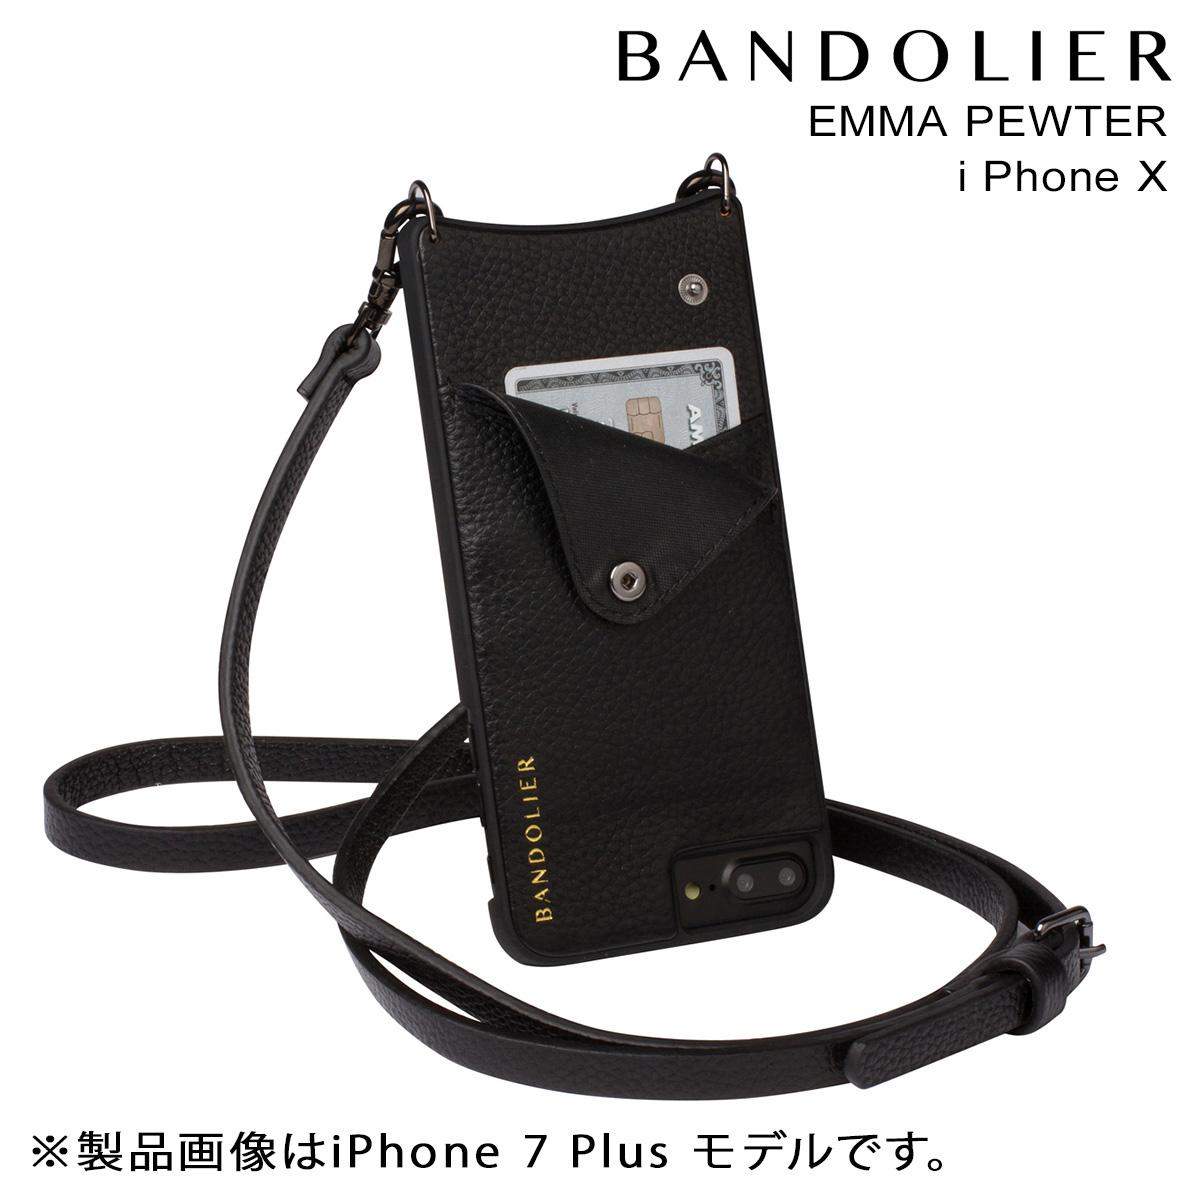 BANDOLIER EMMA PEWTER バンドリヤー iPhoneX ケース スマホ アイフォン レザー メンズ レディース [3/19 再入荷] [191]